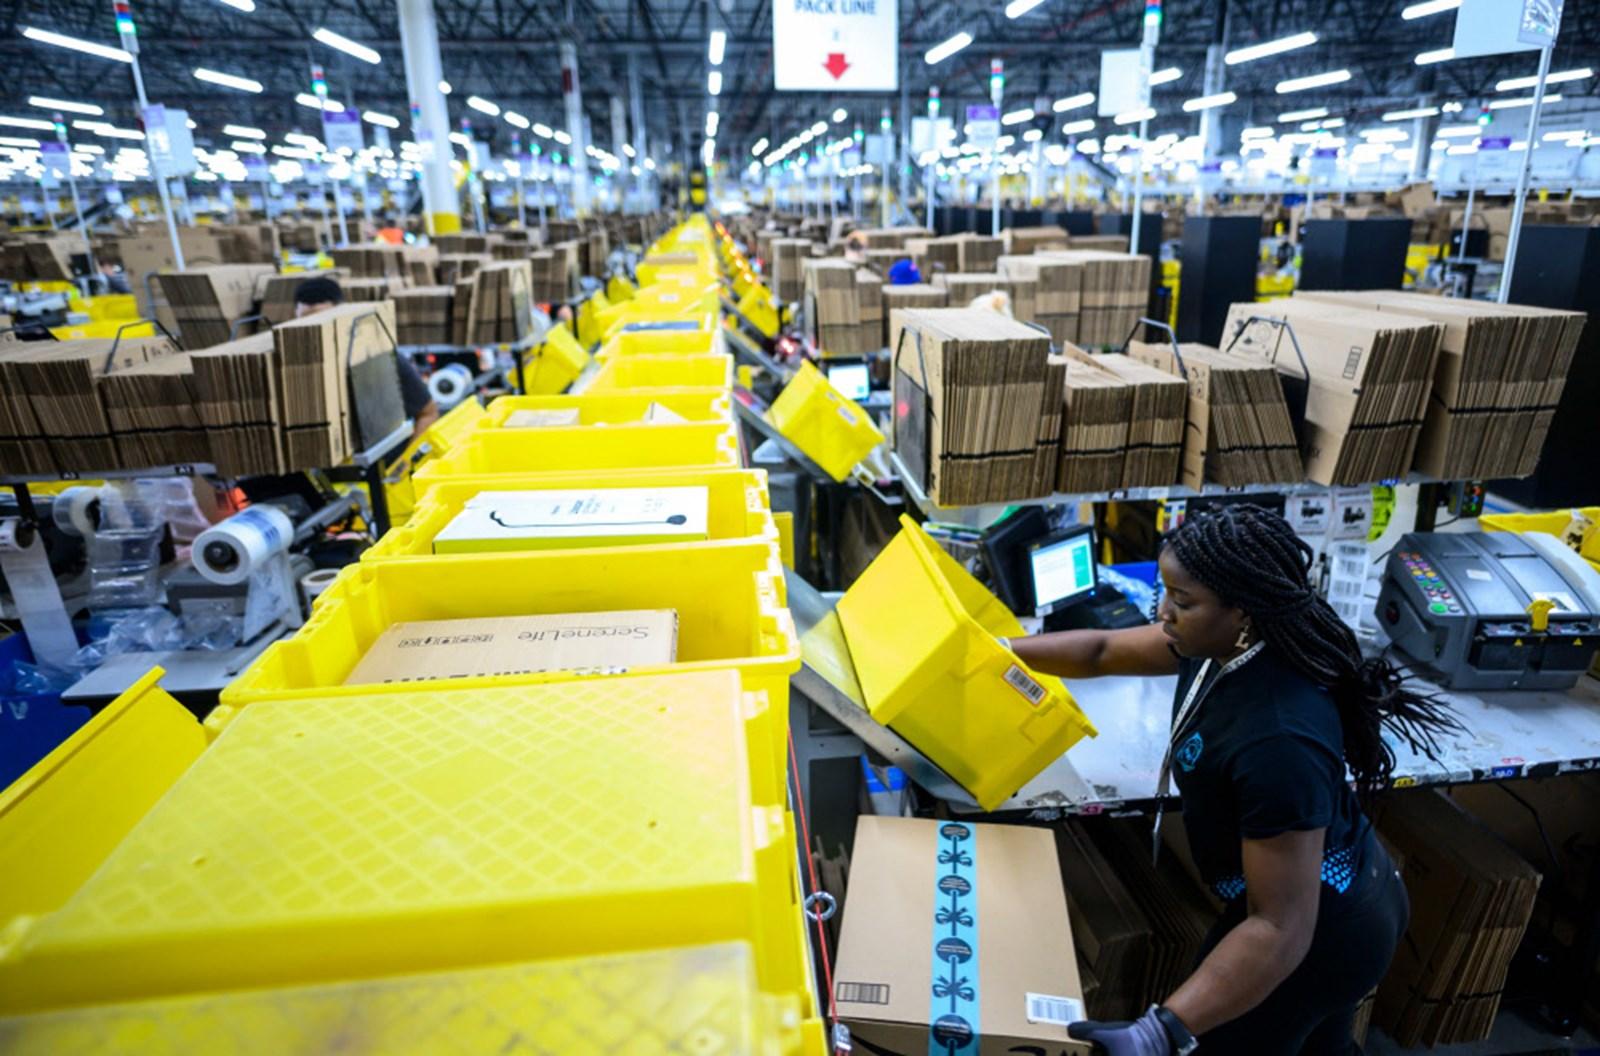 Amazon-Primeday: Handelsverband rät zu Vorsicht bei Blitzangeboten